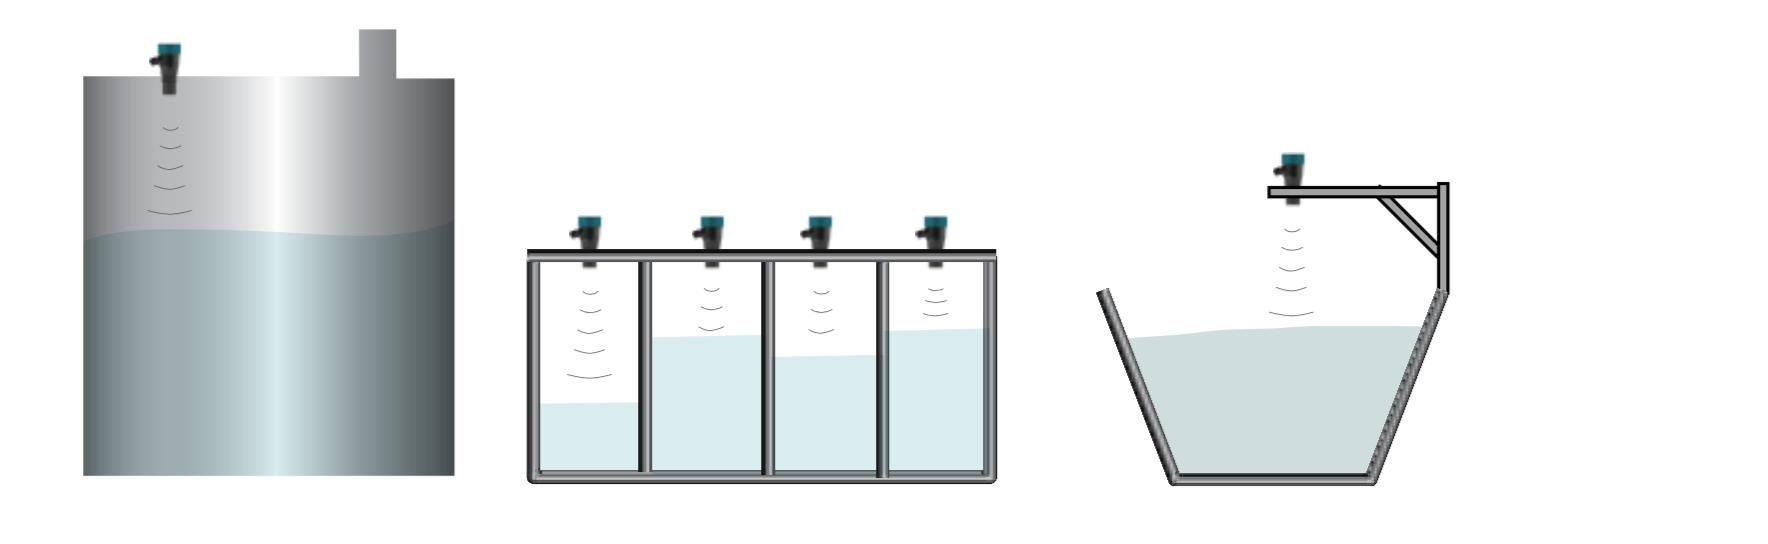 Cách lắp Kích thước cảm biến mức nước 4-20mA